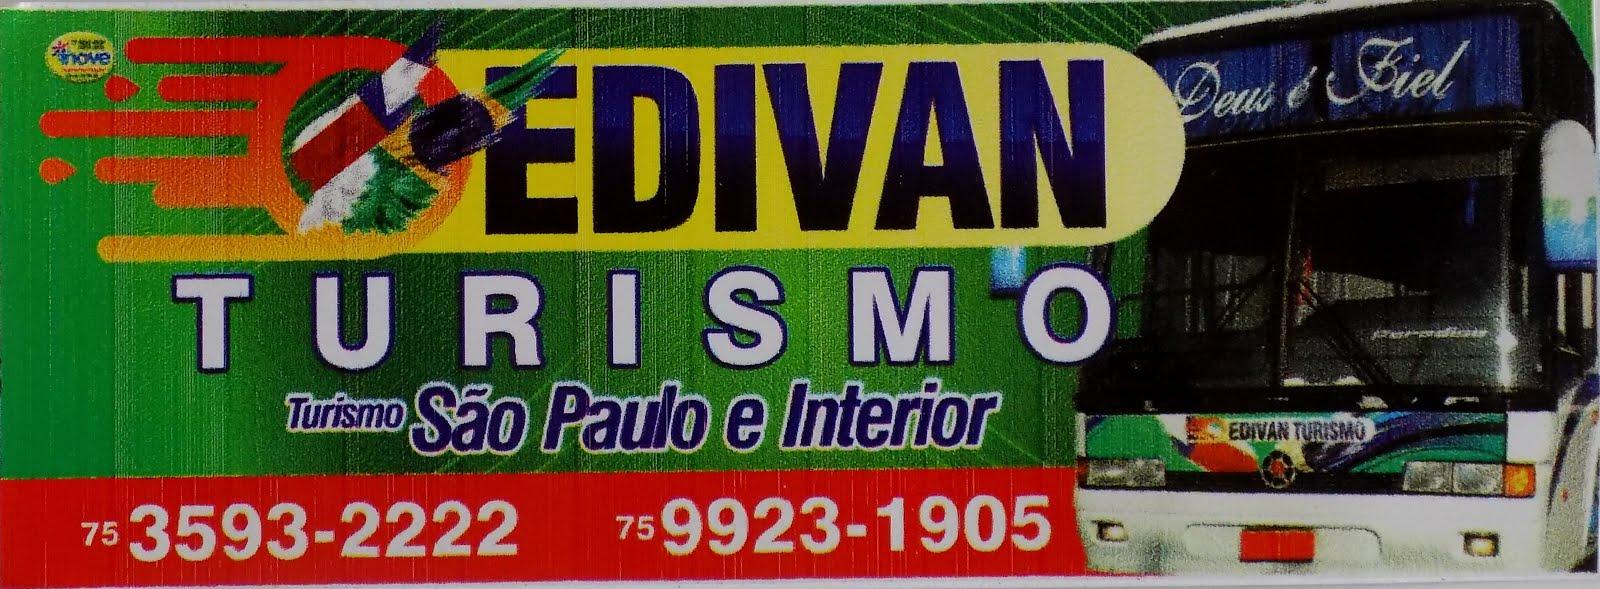 EDIVAN VIAGENS E TURISMO